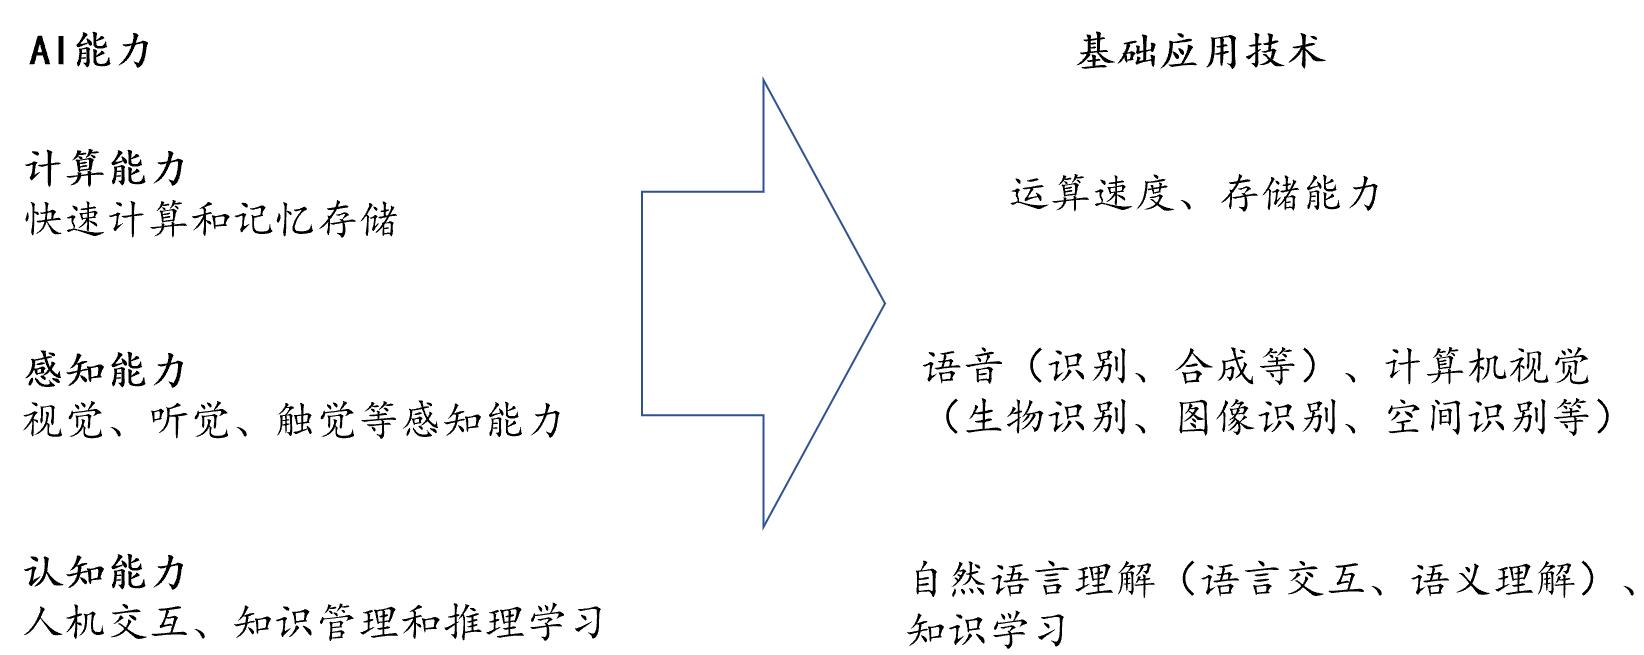 使得人工智能在多个领广州市白云区松洲恒达电脑维修部-广州市白云区松洲恒达电脑维修部_ 域找到了真实的应用场景